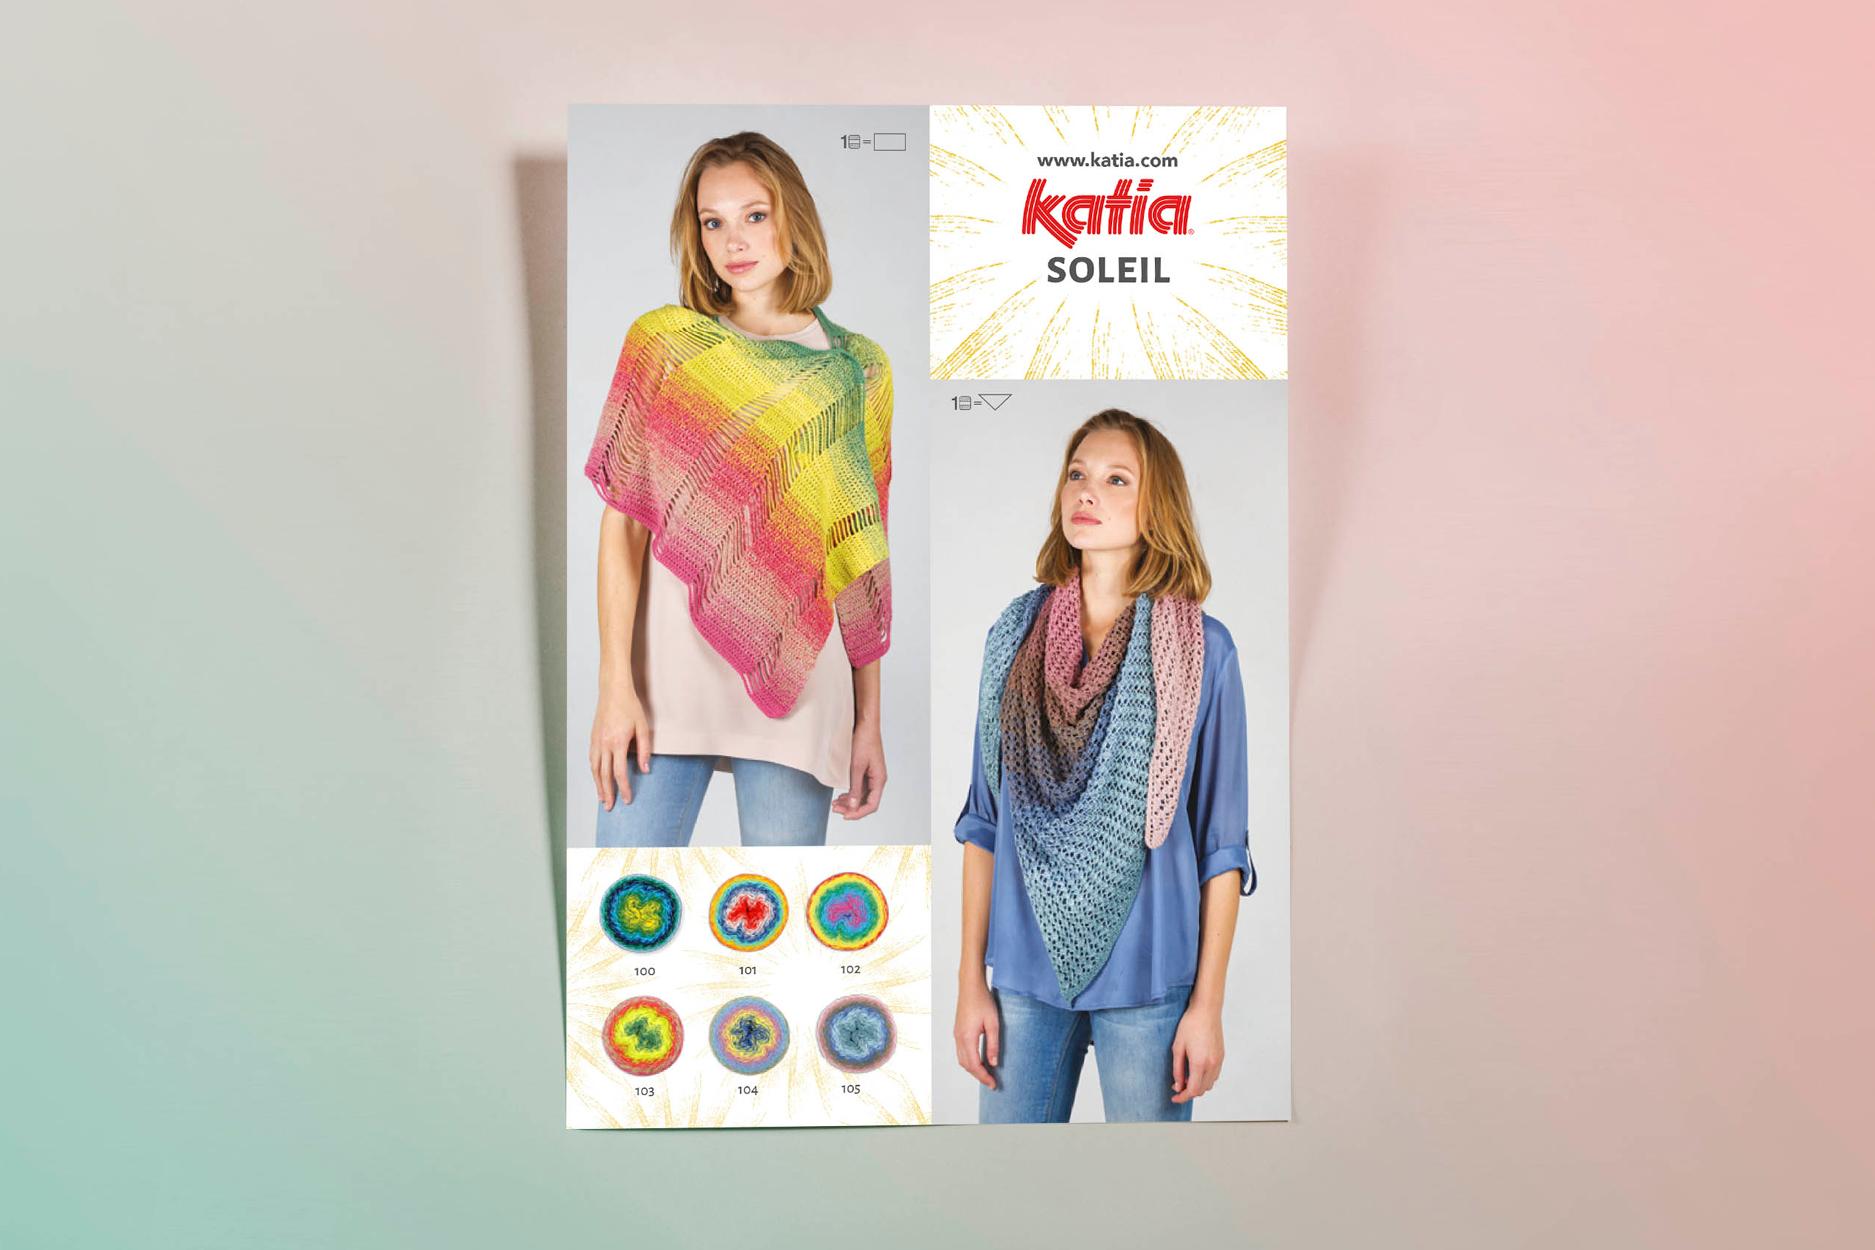 Katia_web17.jpg